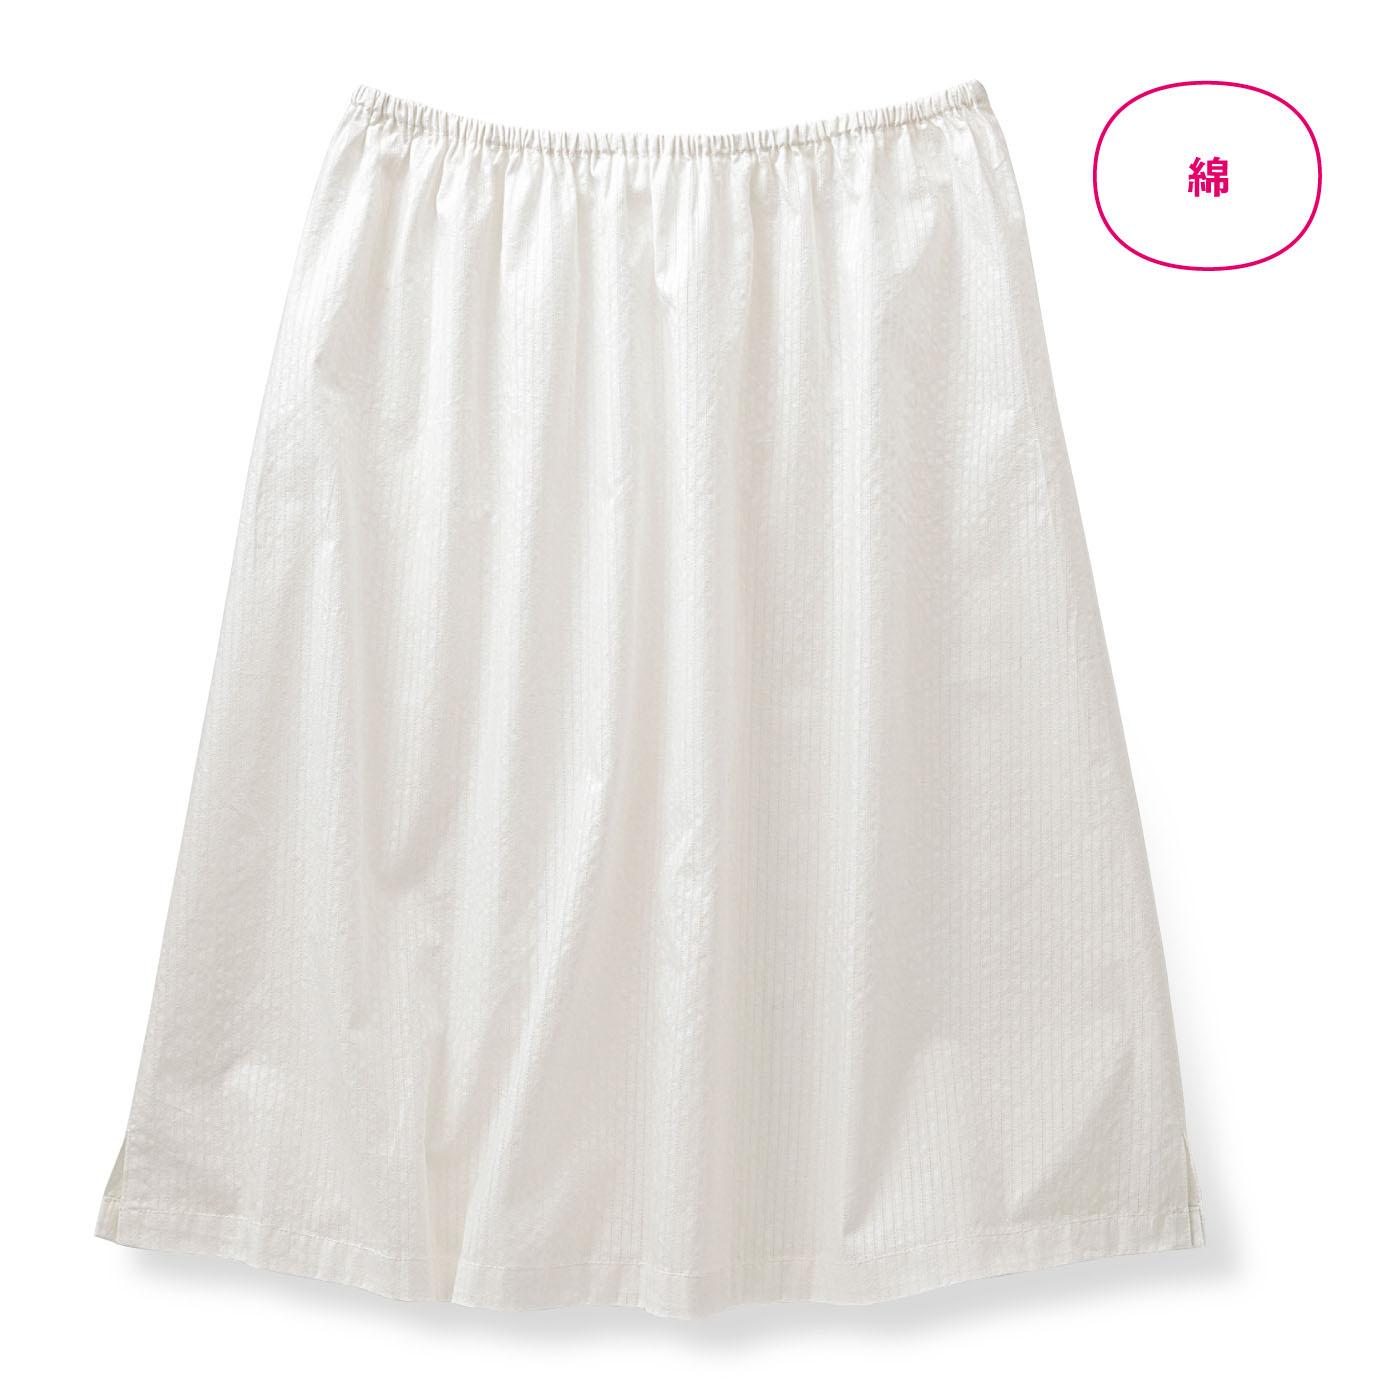 ドビー織りのほんのり透かし柄がおしゃれ!綿100%でさらっとさわやかなのも◎。